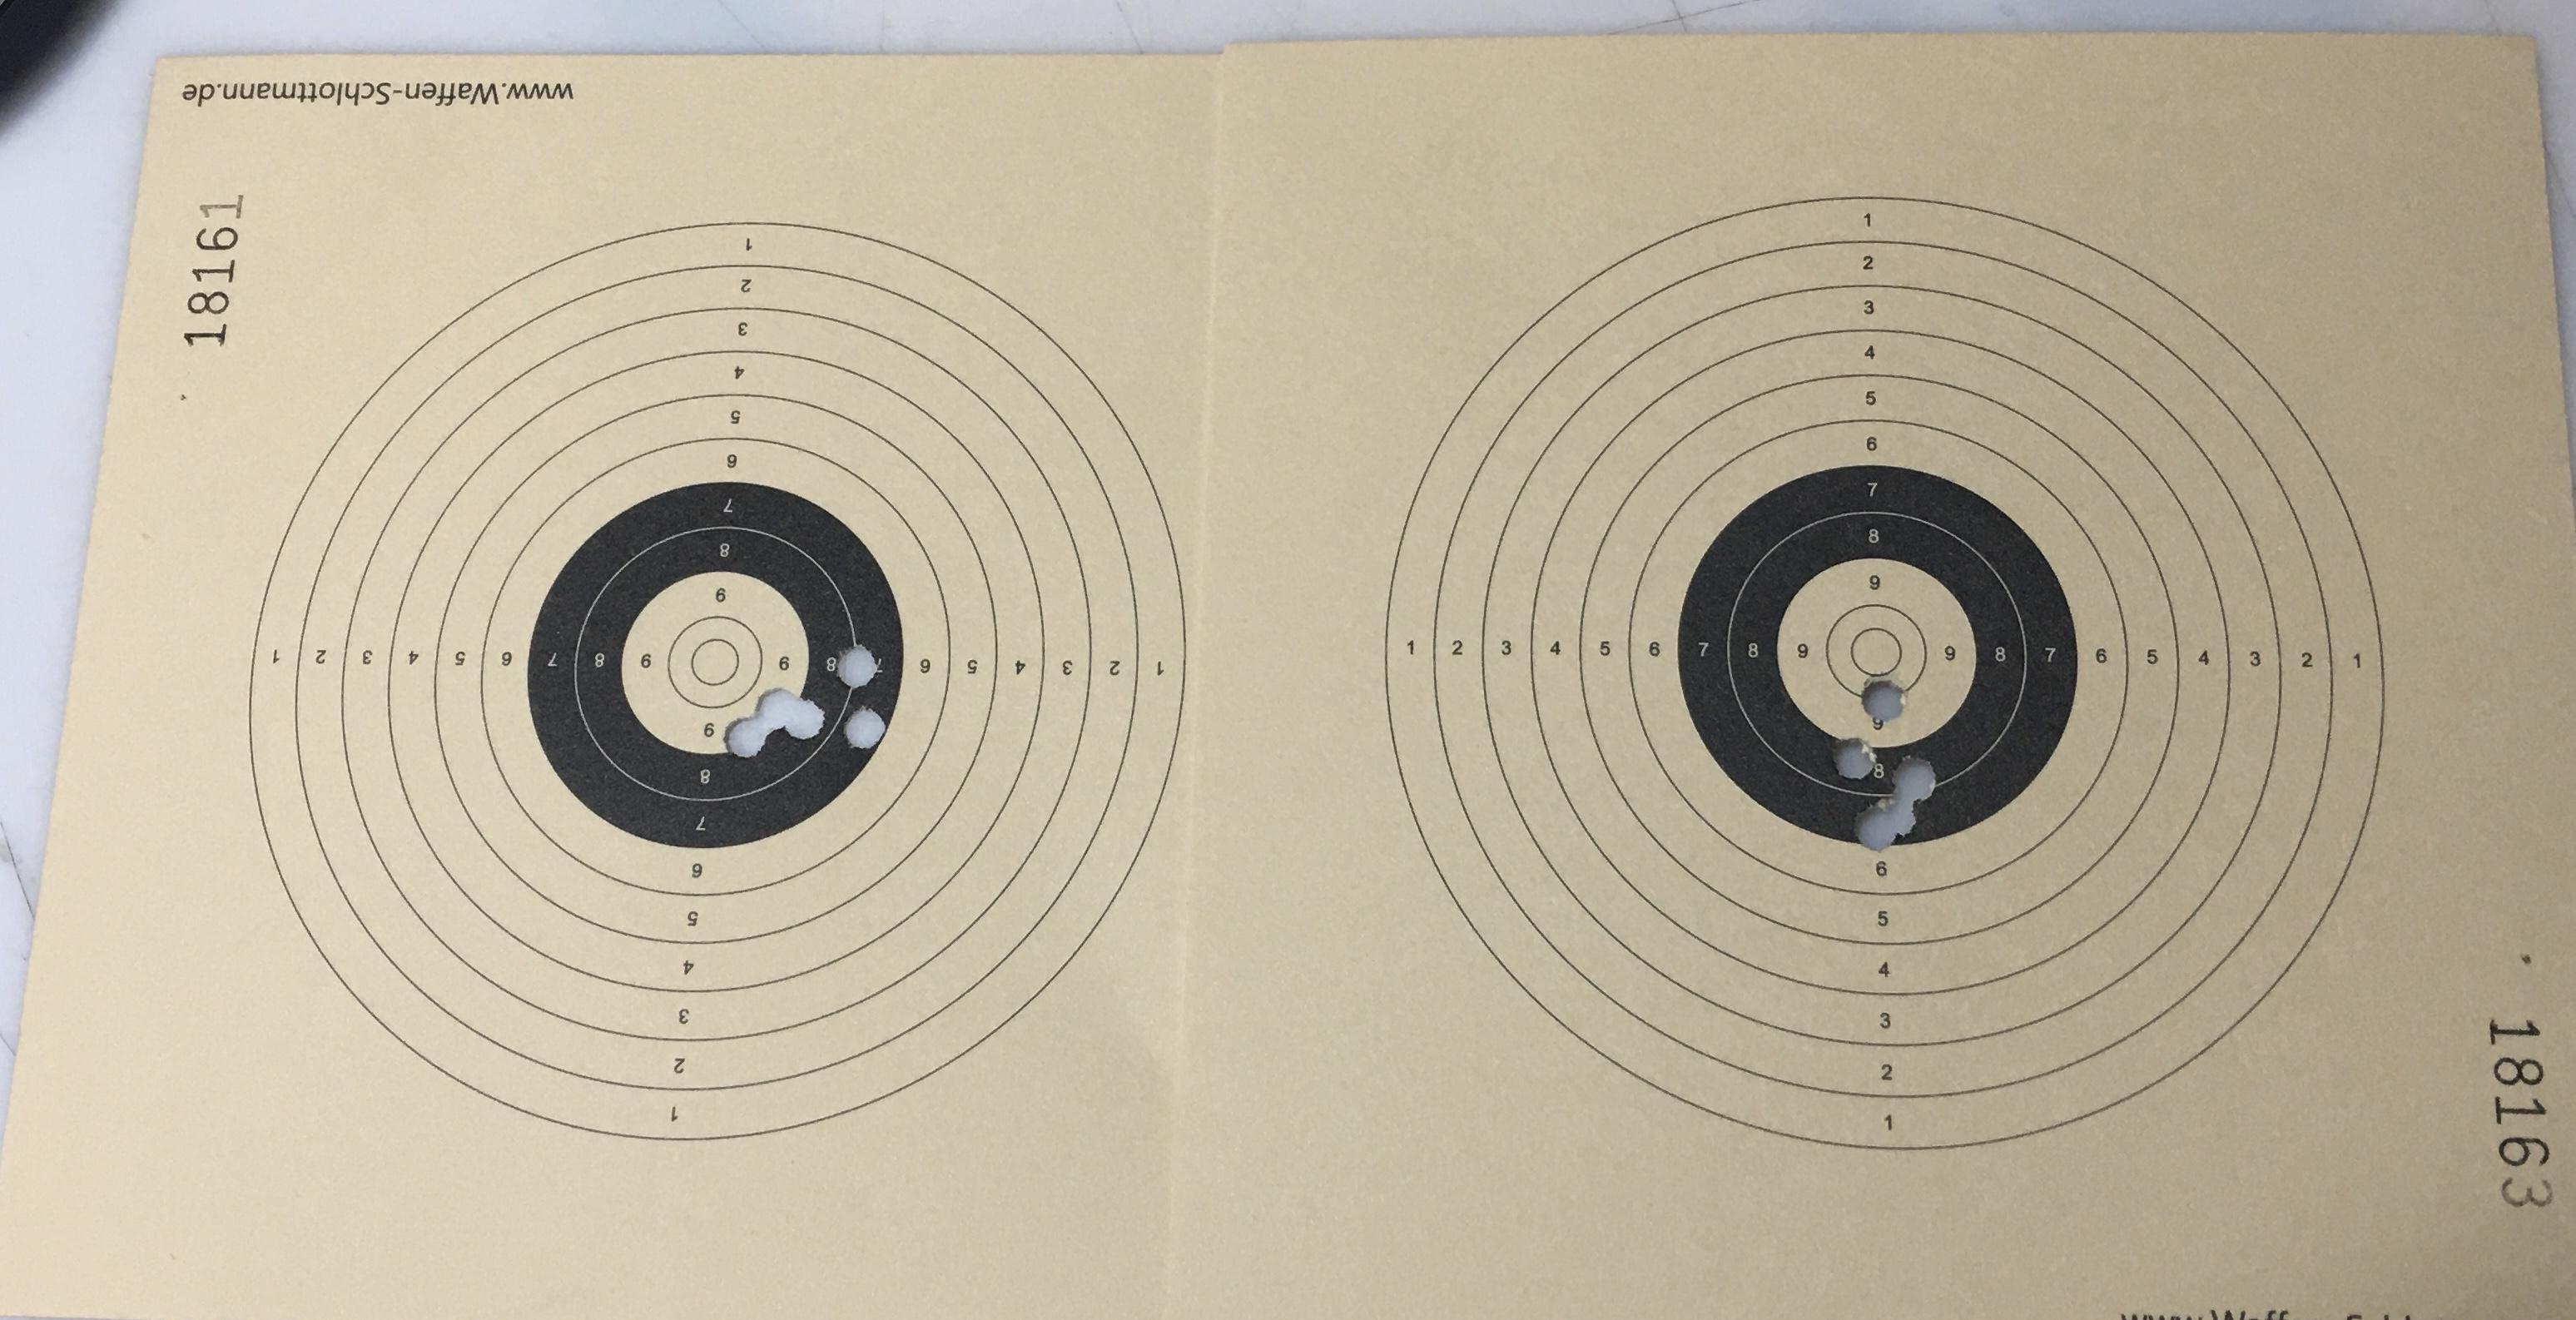 Diese Trefferbilder (Links mit Kimme und Korn, rechts mit Leuchtpunktvisier) sind sehr passend zum Text unter Hinweise. Die Waffe hat ein Kunde zurückgeschickt, weil die angeblich auf 5m  einen Streukreis in Bierdeckelgröße hat. Mein Trefferbild zeigt, dass hier der Schütze die Fehlerquelle ist.